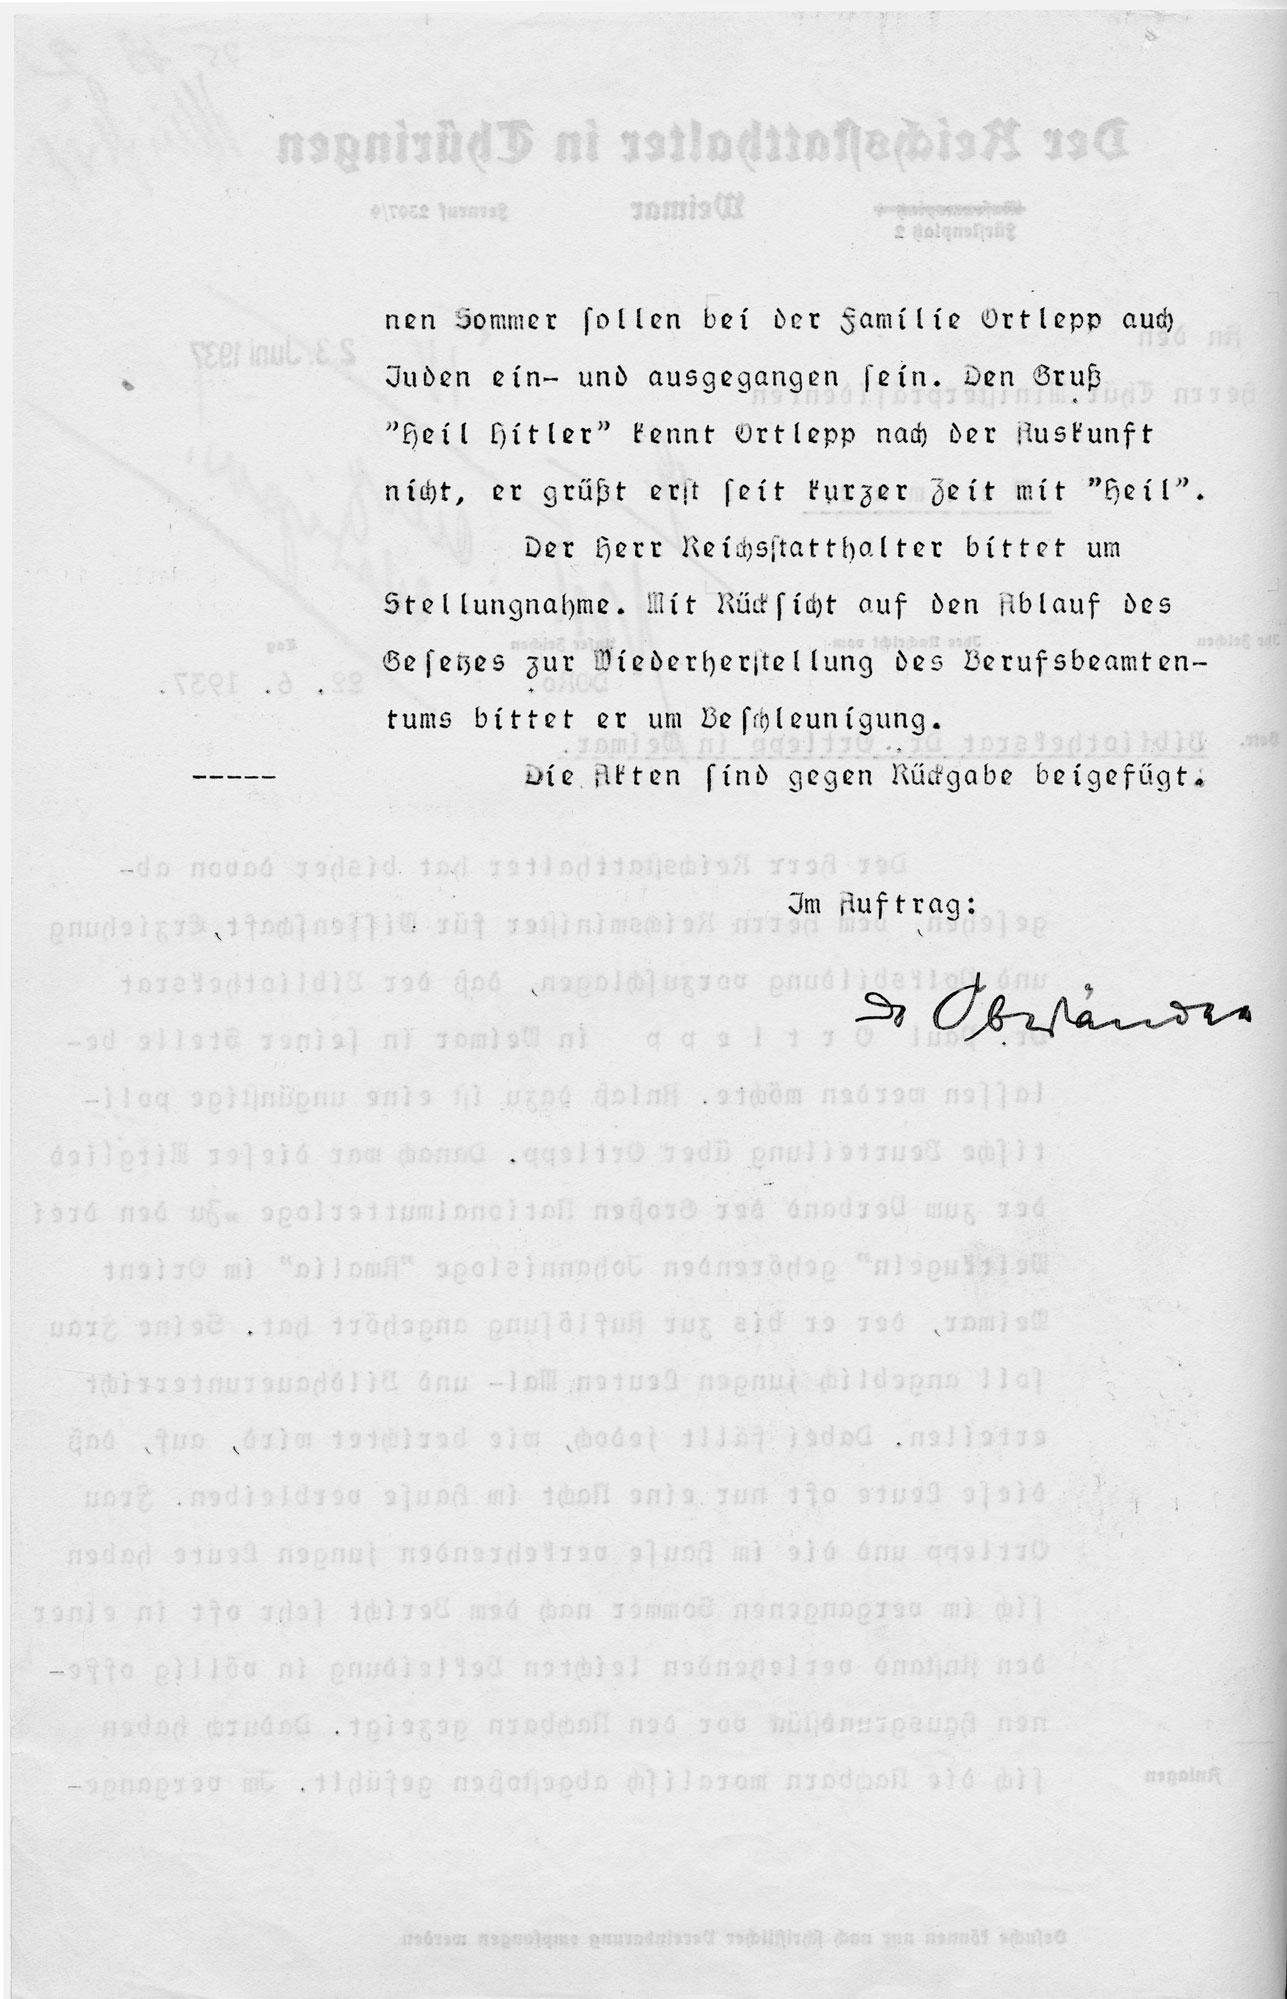 In einem Schreiben des thüringischen Reichsstatthalters an den thüringischen Ministerpräsidenten vom 22.6.1937 wird der Bibliotheksrat Dr. Ortlepp und seine Familie denunziatorisch beschuldigt, in anstößiger Bekleidung in Haus und Hof gesehen worden zu sein. Außerdem würden im Hause Ortlepp Juden einund ausgehen.